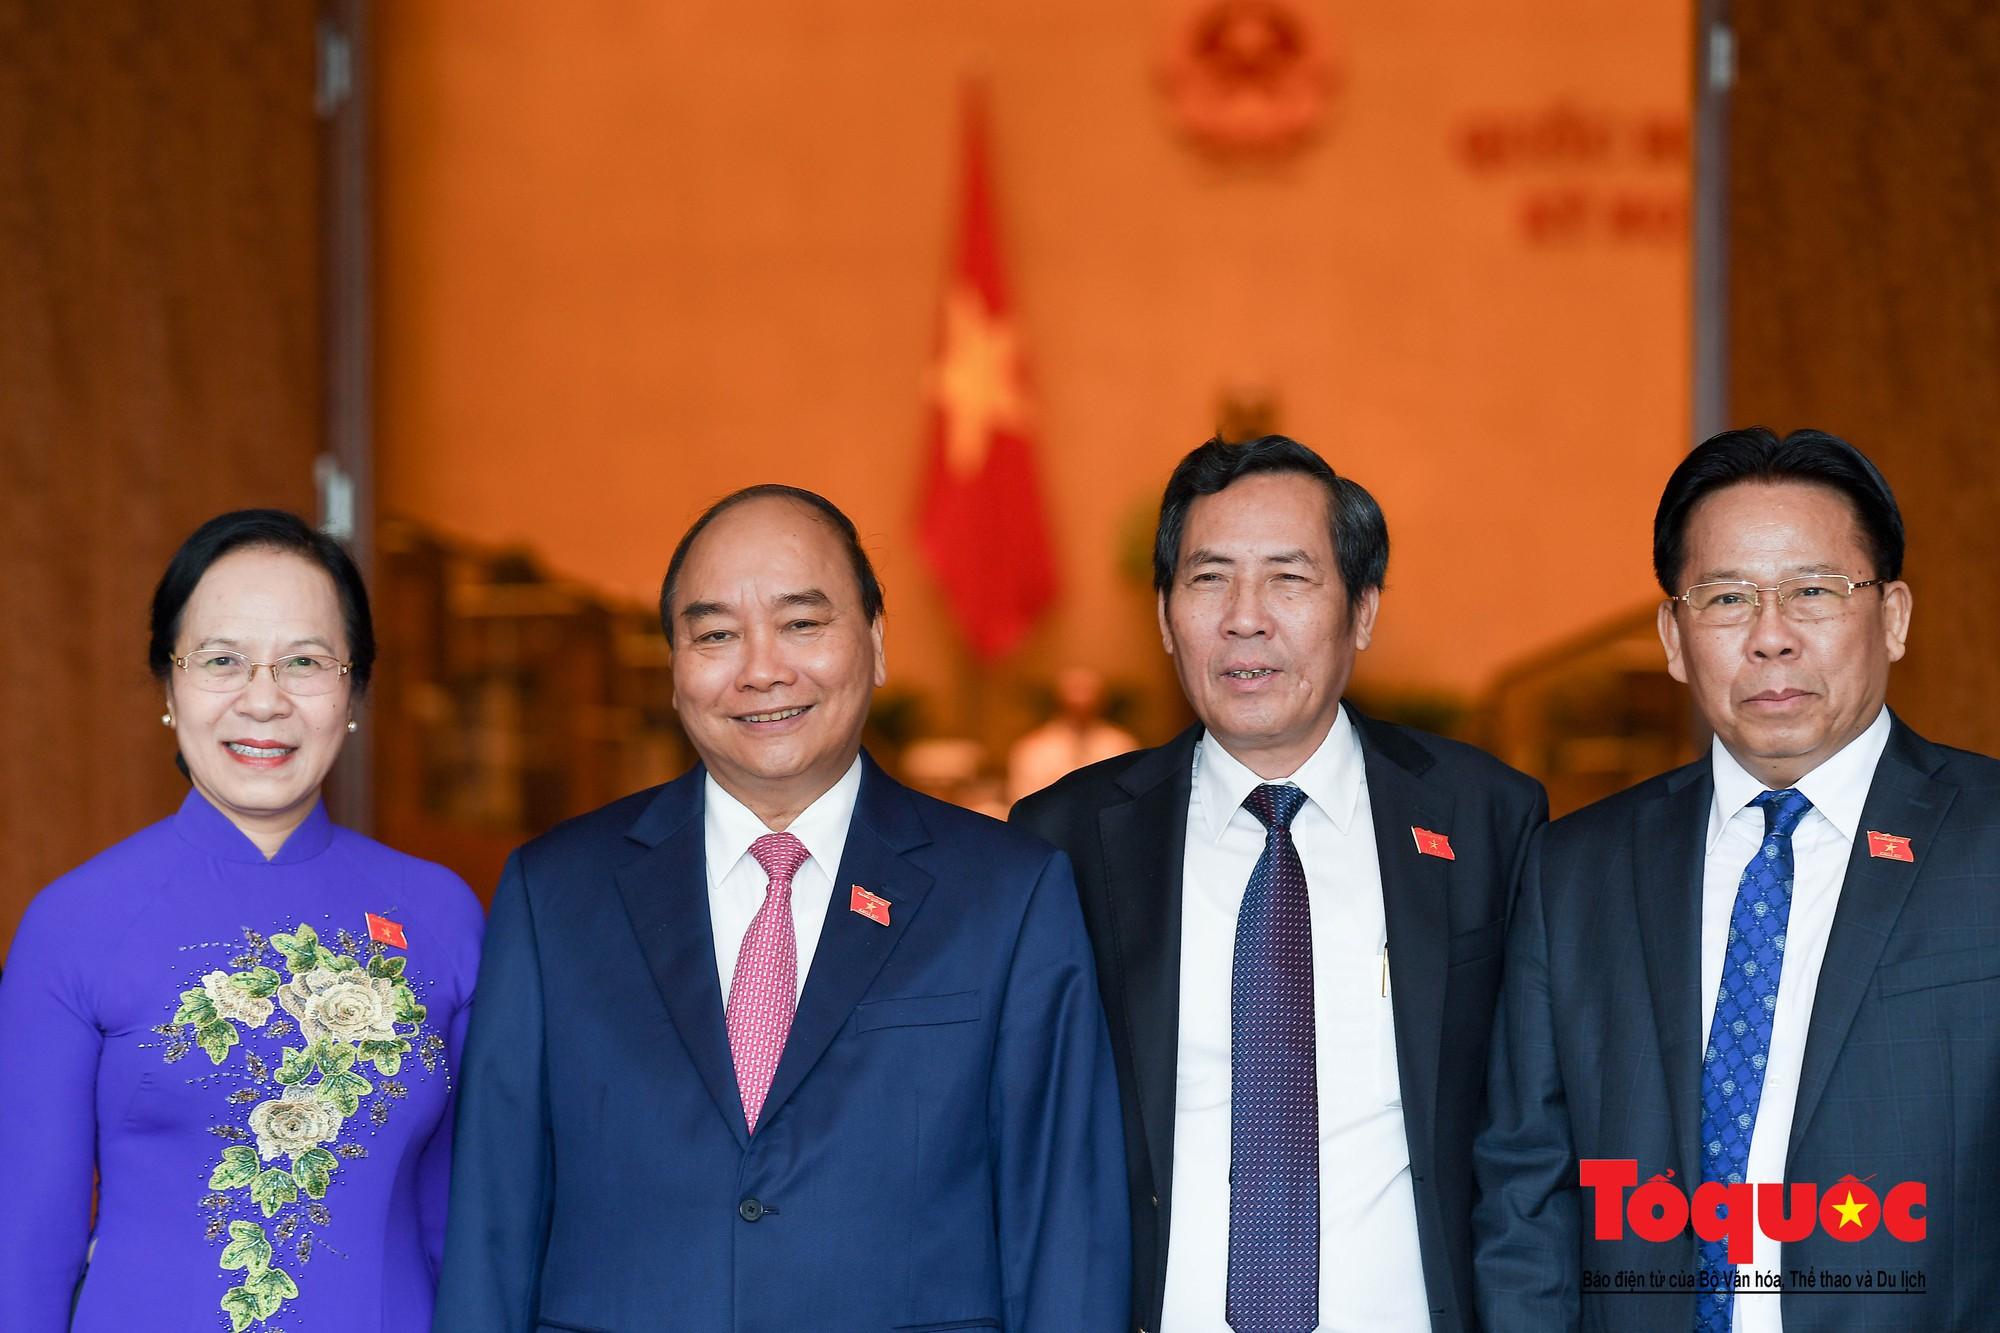 ĐBQH bên hành lang ngày khai mạc kỳ họp thứ 8, Quốc hội khóa XIV (3)